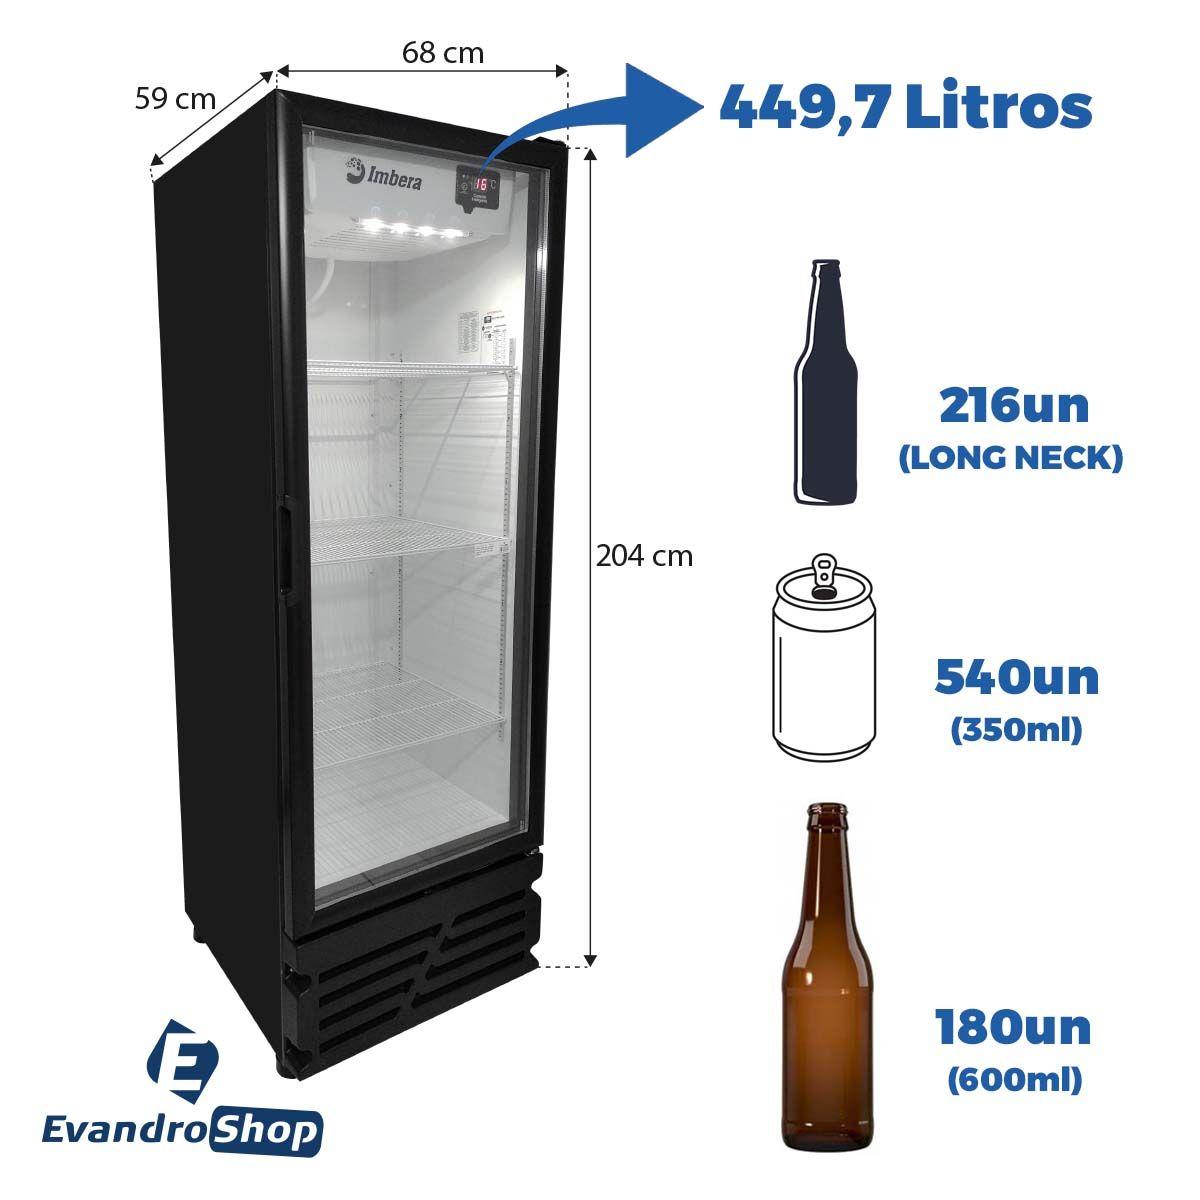 Cervejeira 449,7 Litros Porta De Vidro Food Services 220V CCV315 - Imbera